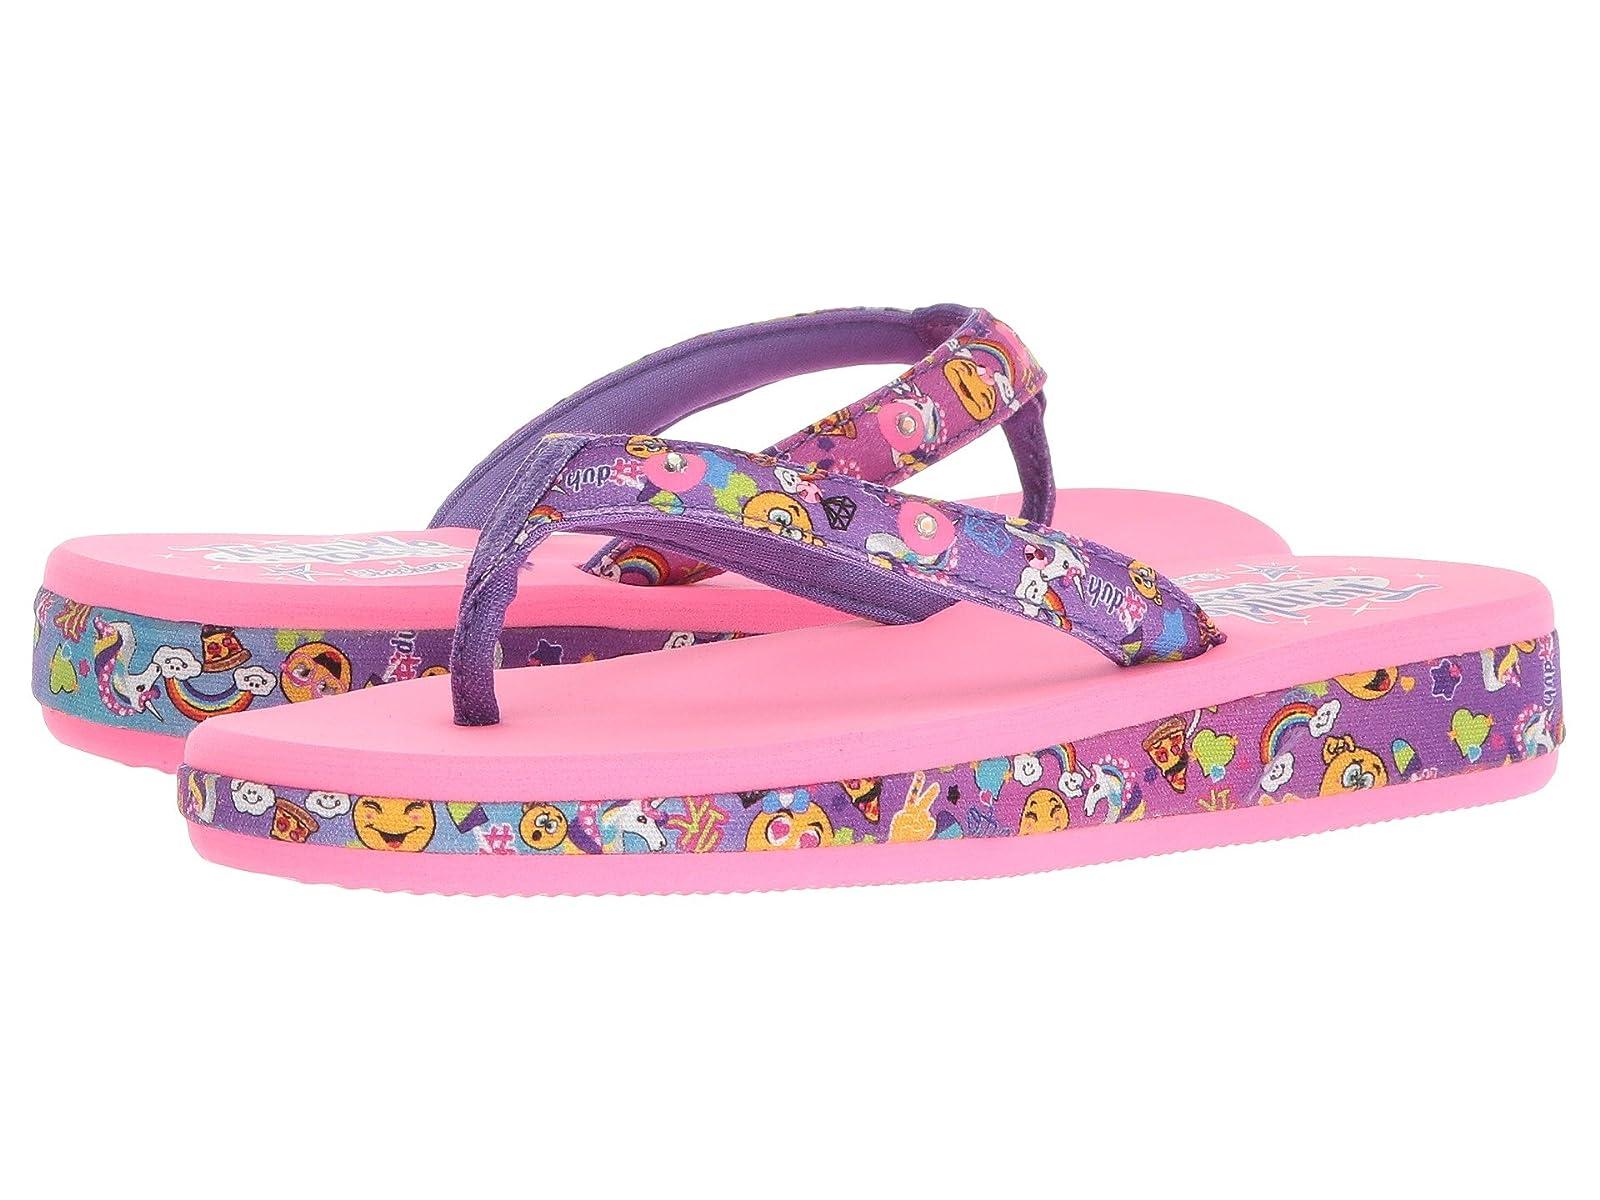 SKECHERS KIDS Sunshines Lights 10946L (Little Kid/Big Kid)Atmospheric grades have affordable shoes